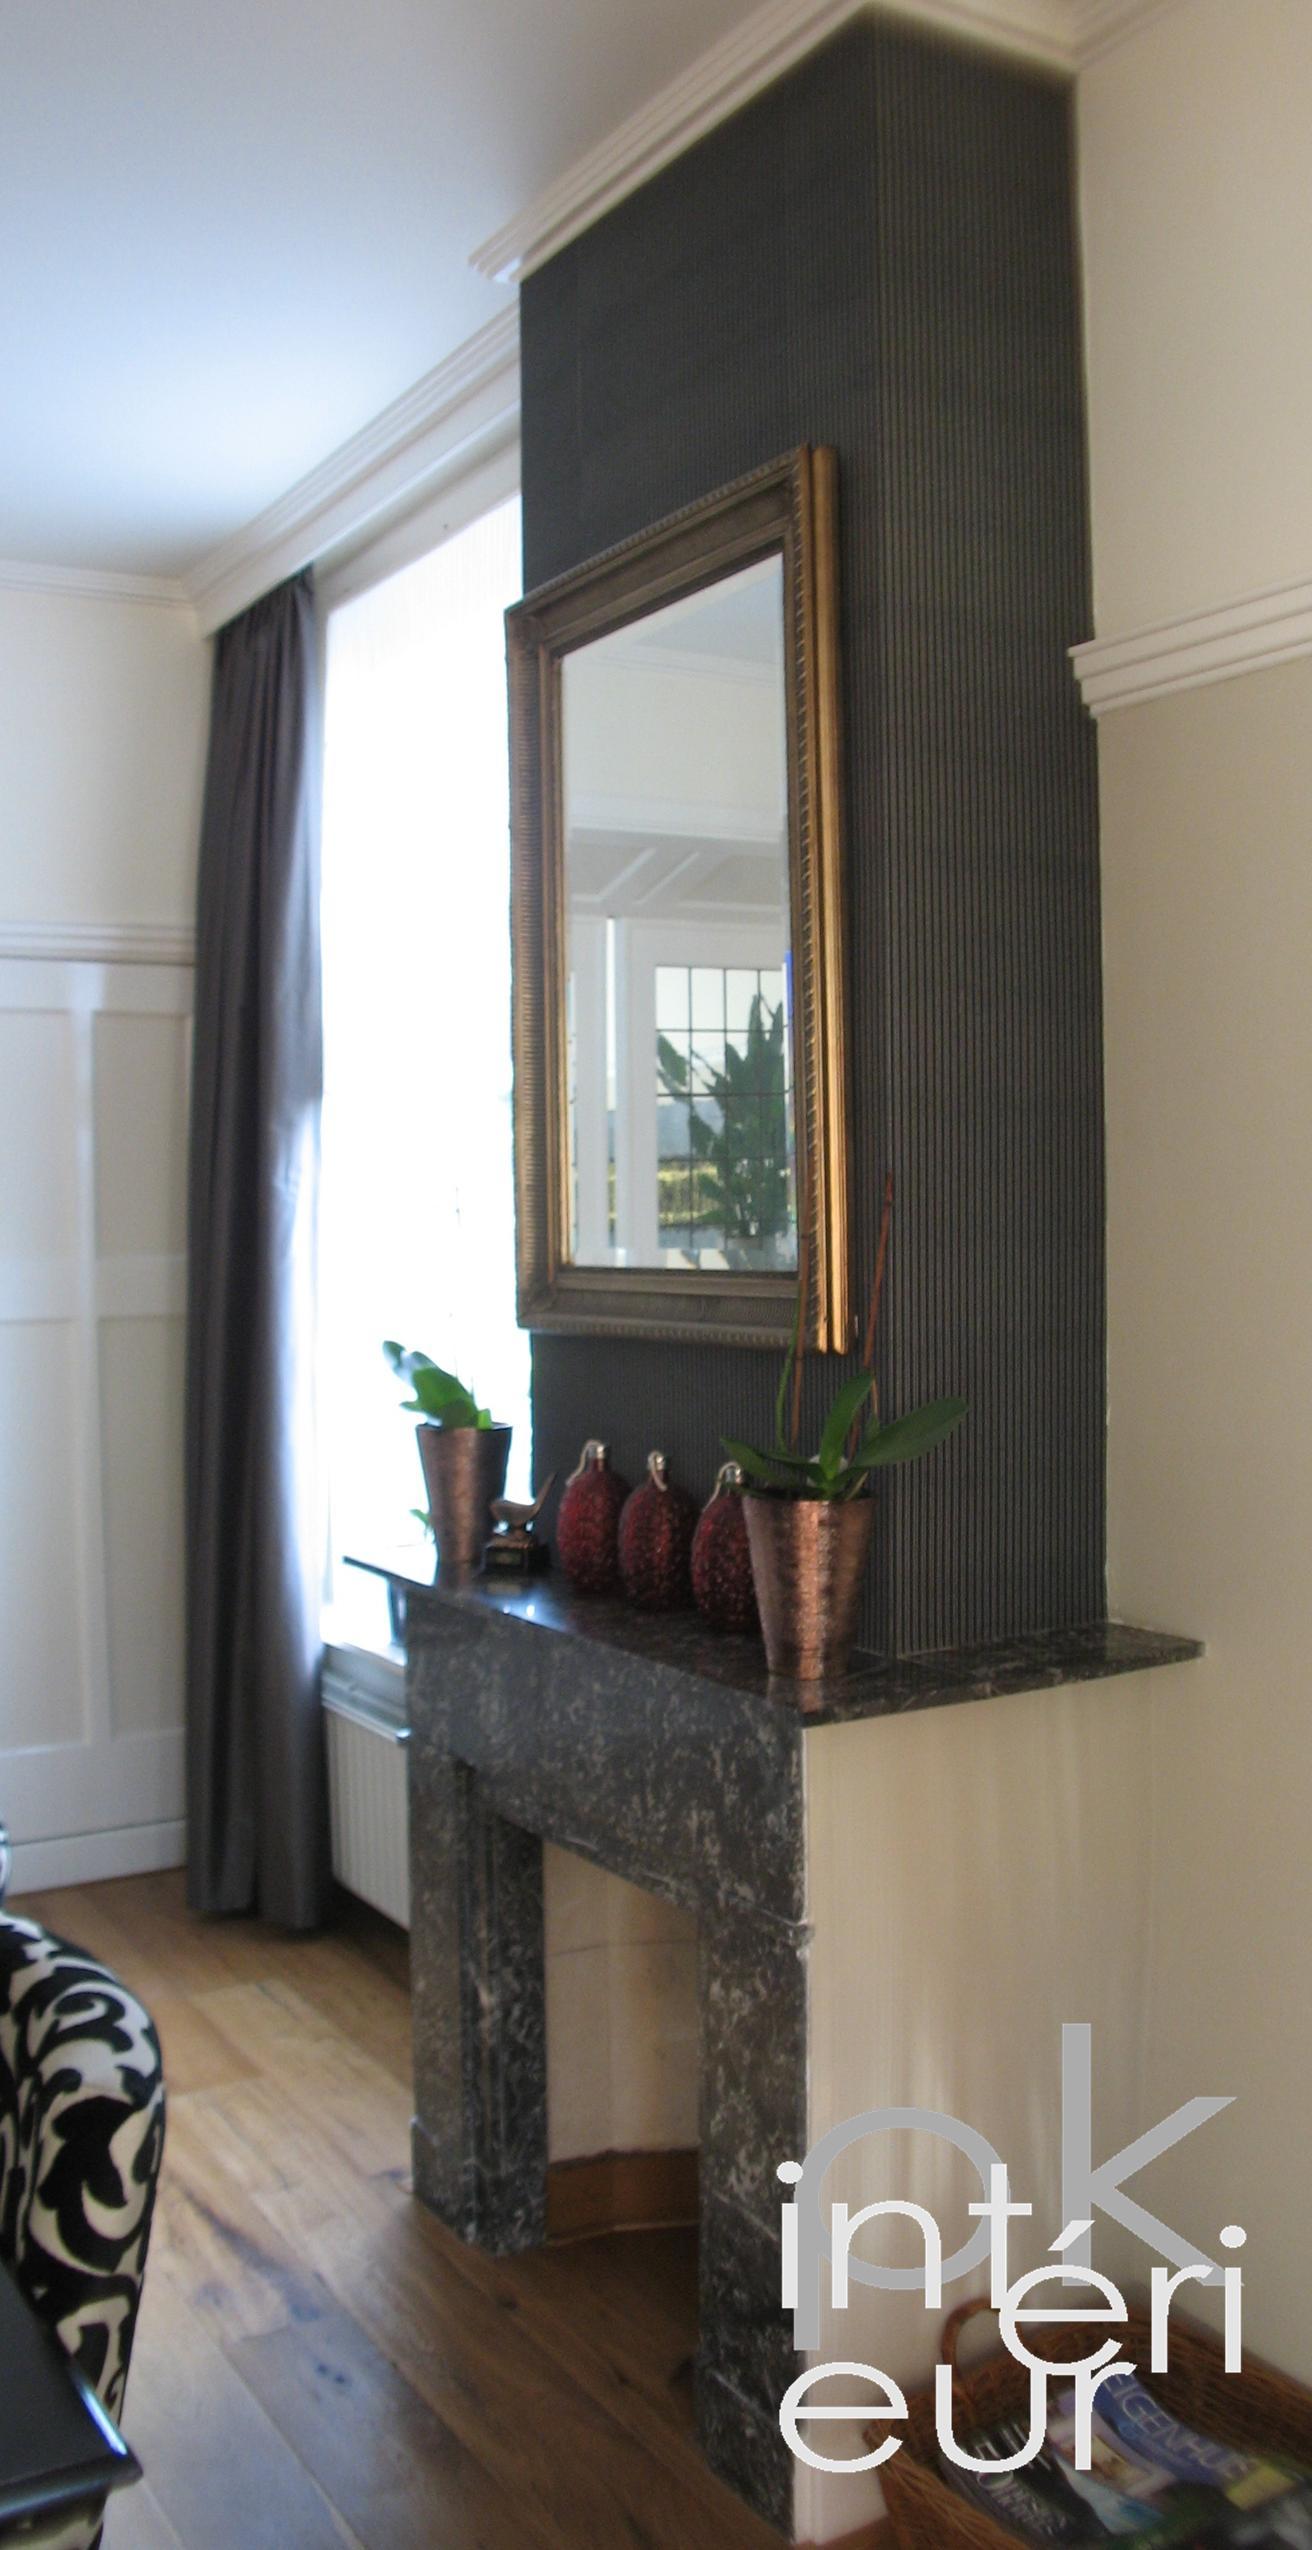 Pk interieur utrecht design ontwerp inrichting en for Kroes interieur